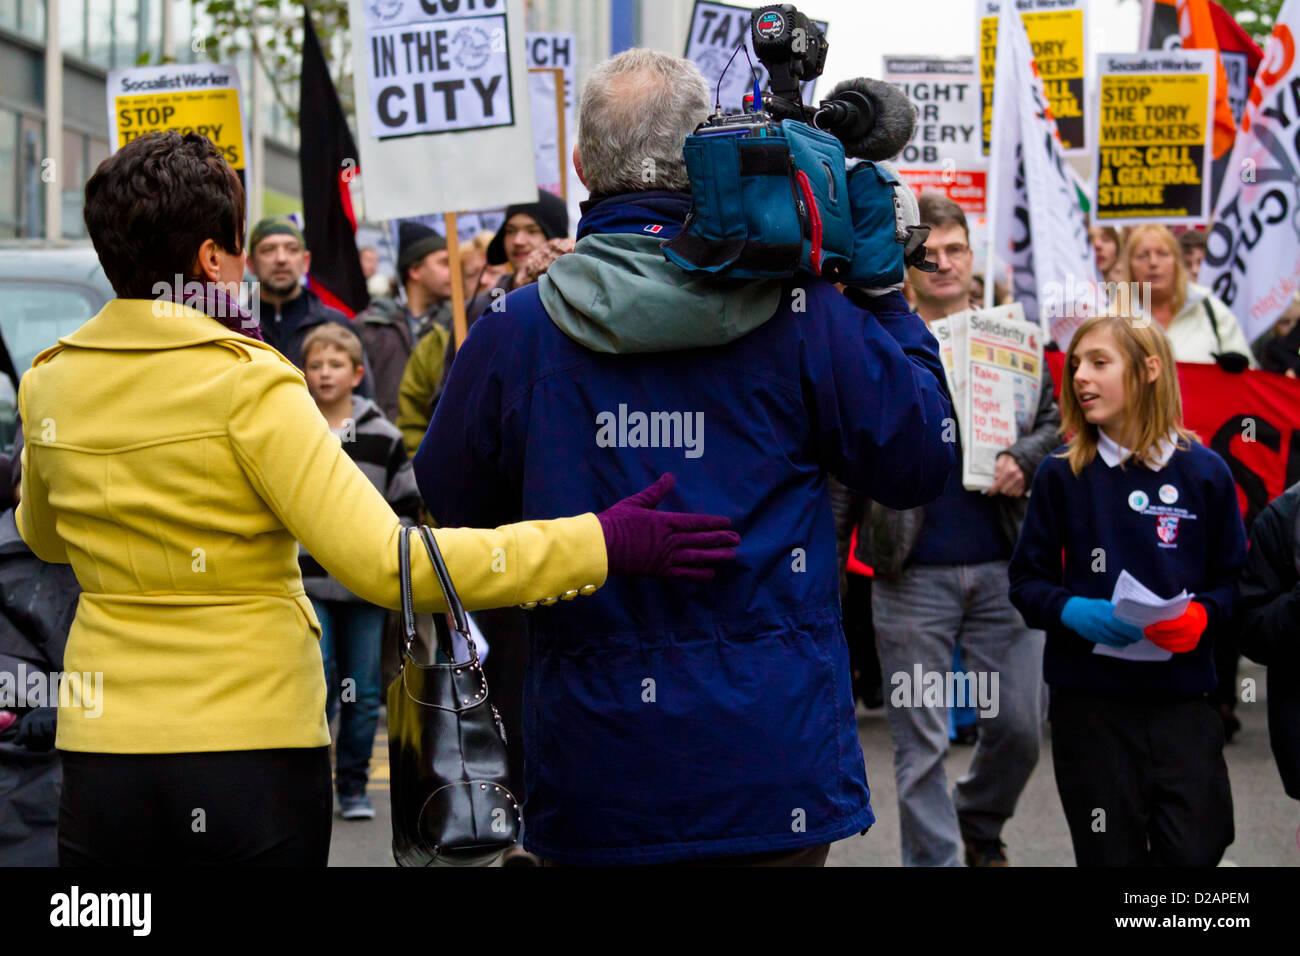 TV News Medien. Journalist und video Kameramann bei einer Demonstration und März, Nottingham, England, Großbritannien Stockfoto